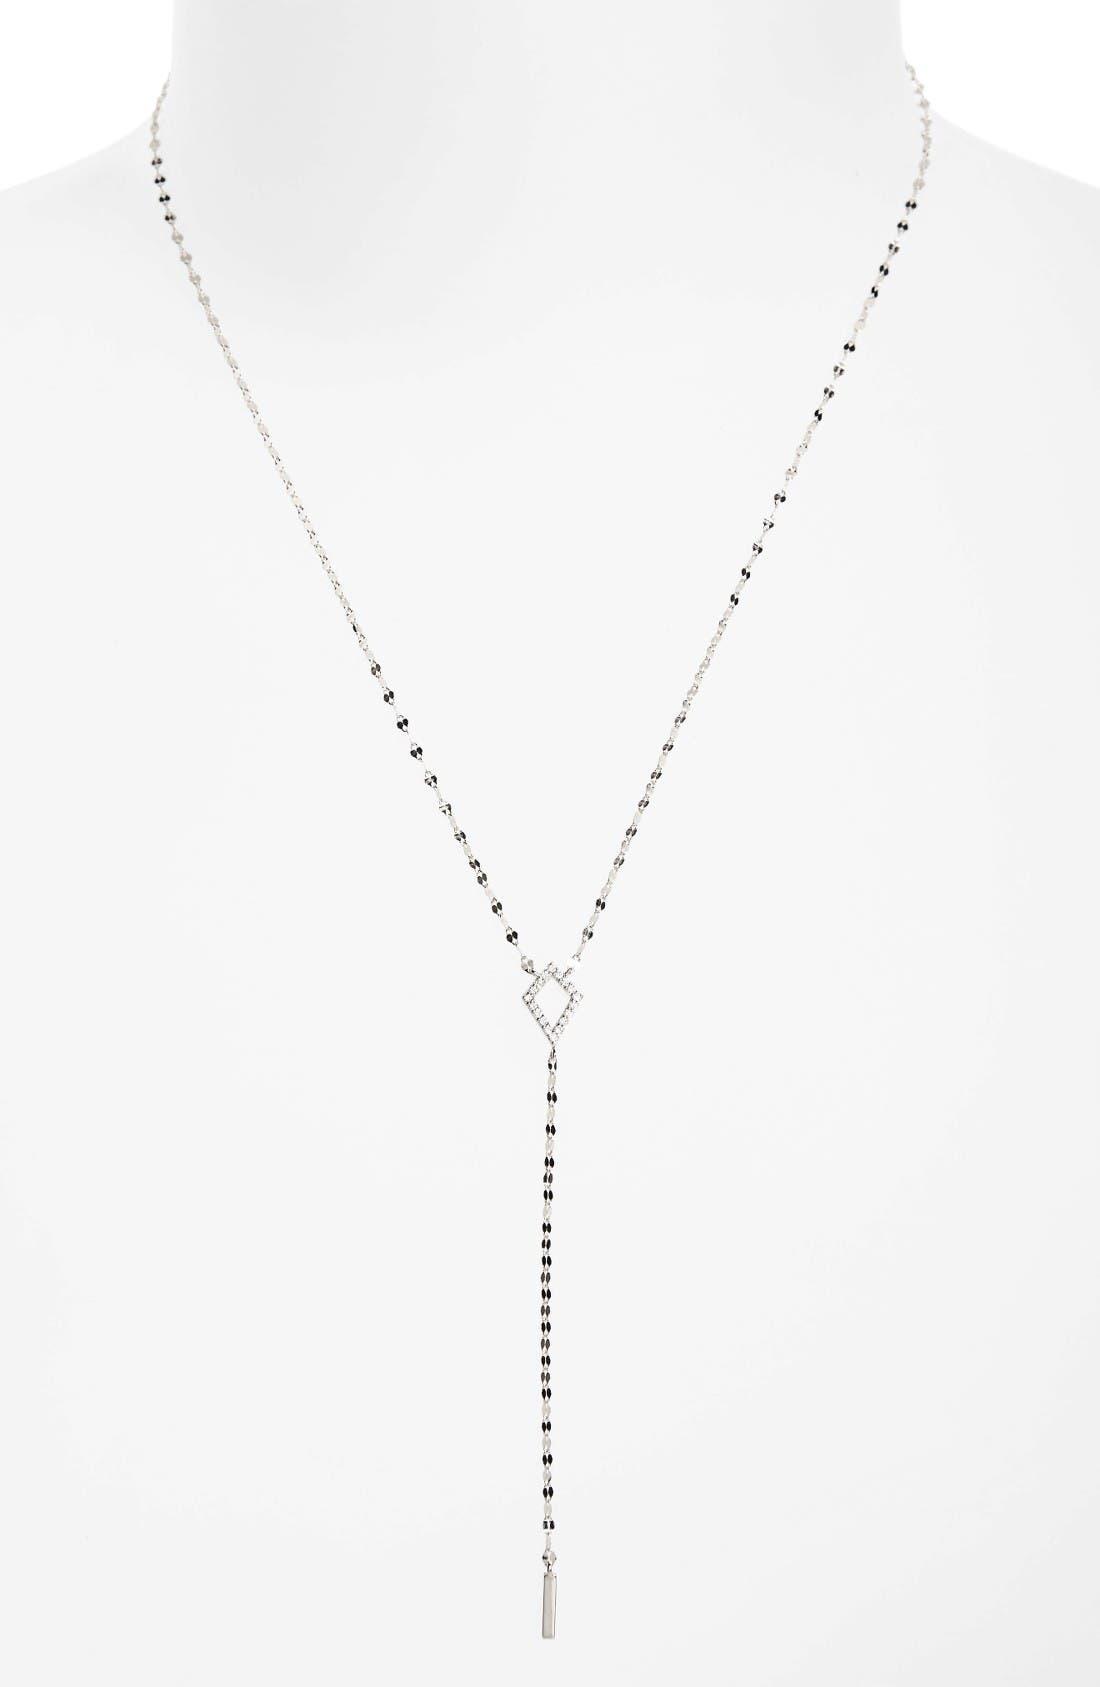 Main Image - Lana Jewelry Flawless Diamond Kite Y-Necklace